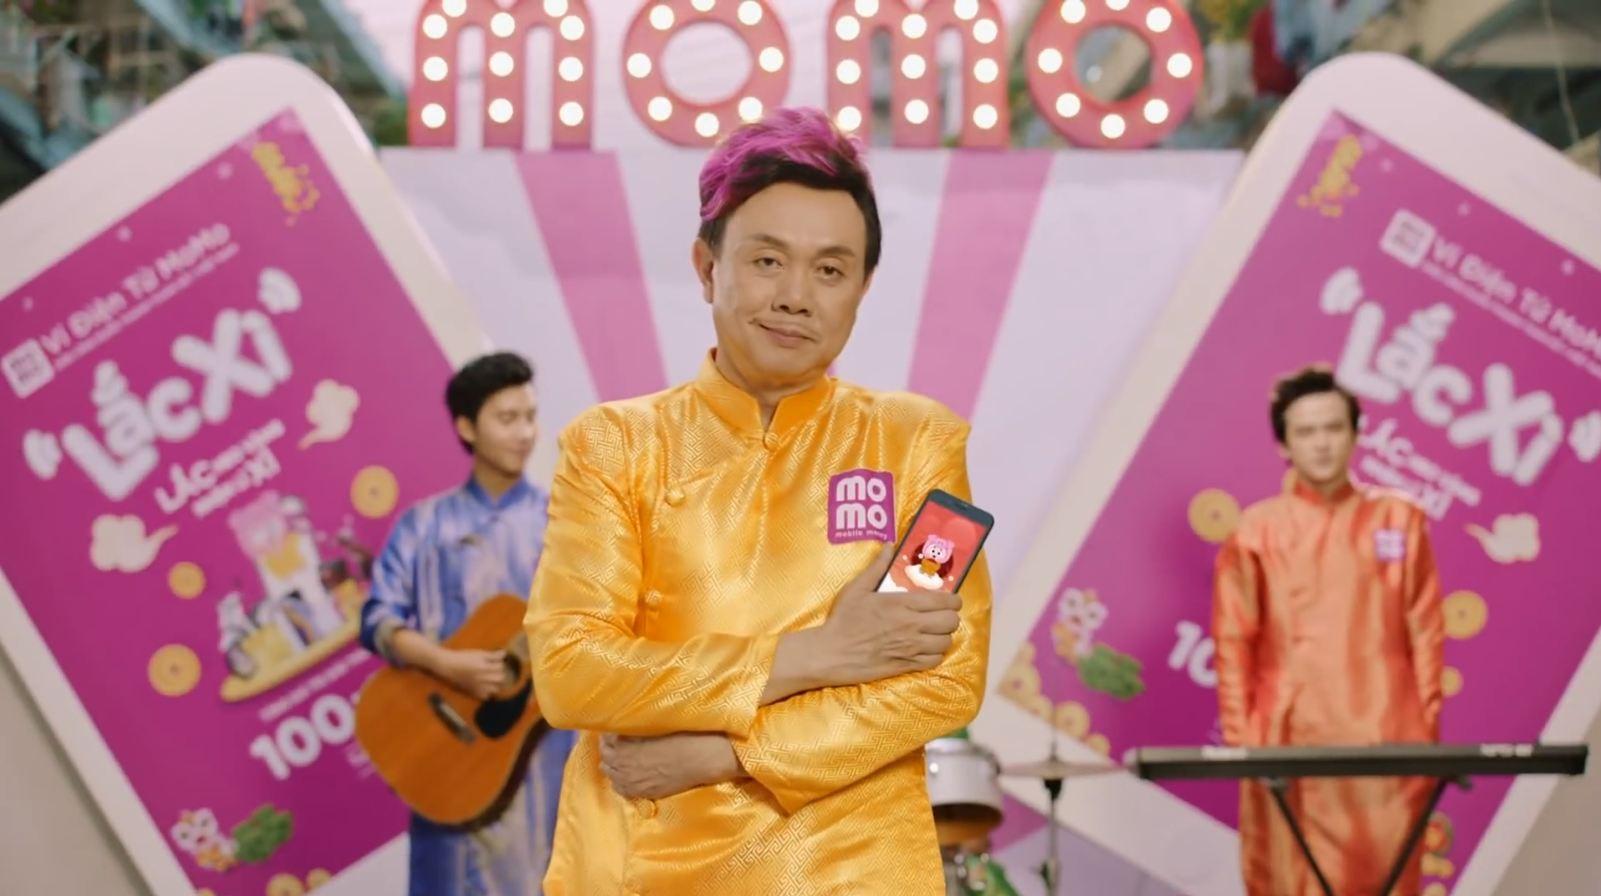 Nghệ sĩ Chí Tài bất ngờ tung MV hài Tết siêu vui - Ảnh 3.